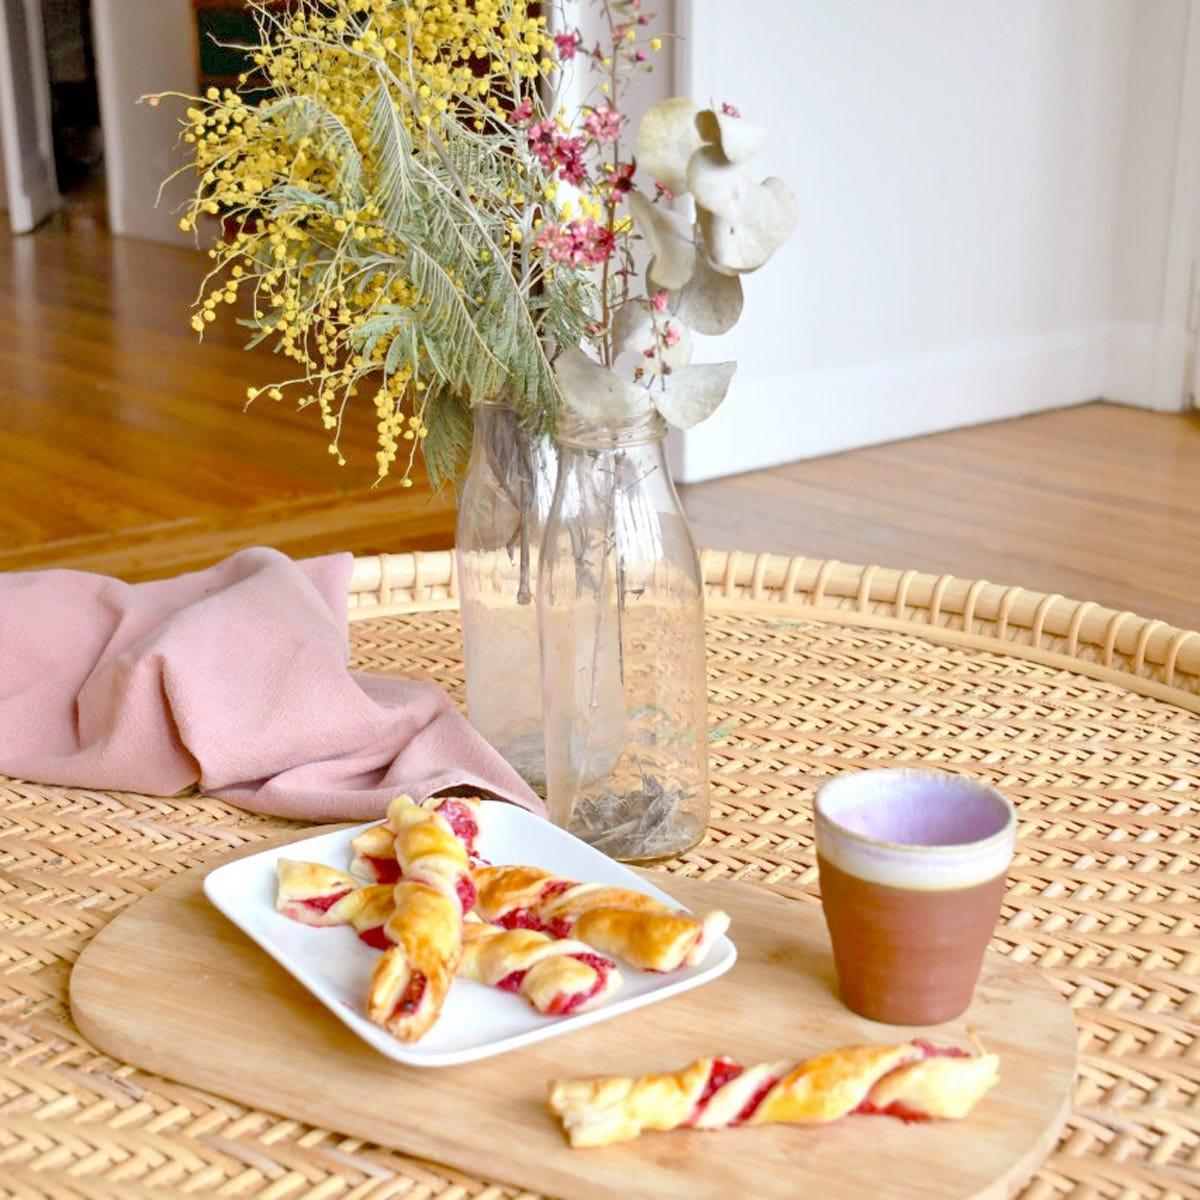 Dégustez de délicieuses torsades aux framboises pour le goûter des enfants… et des parents !